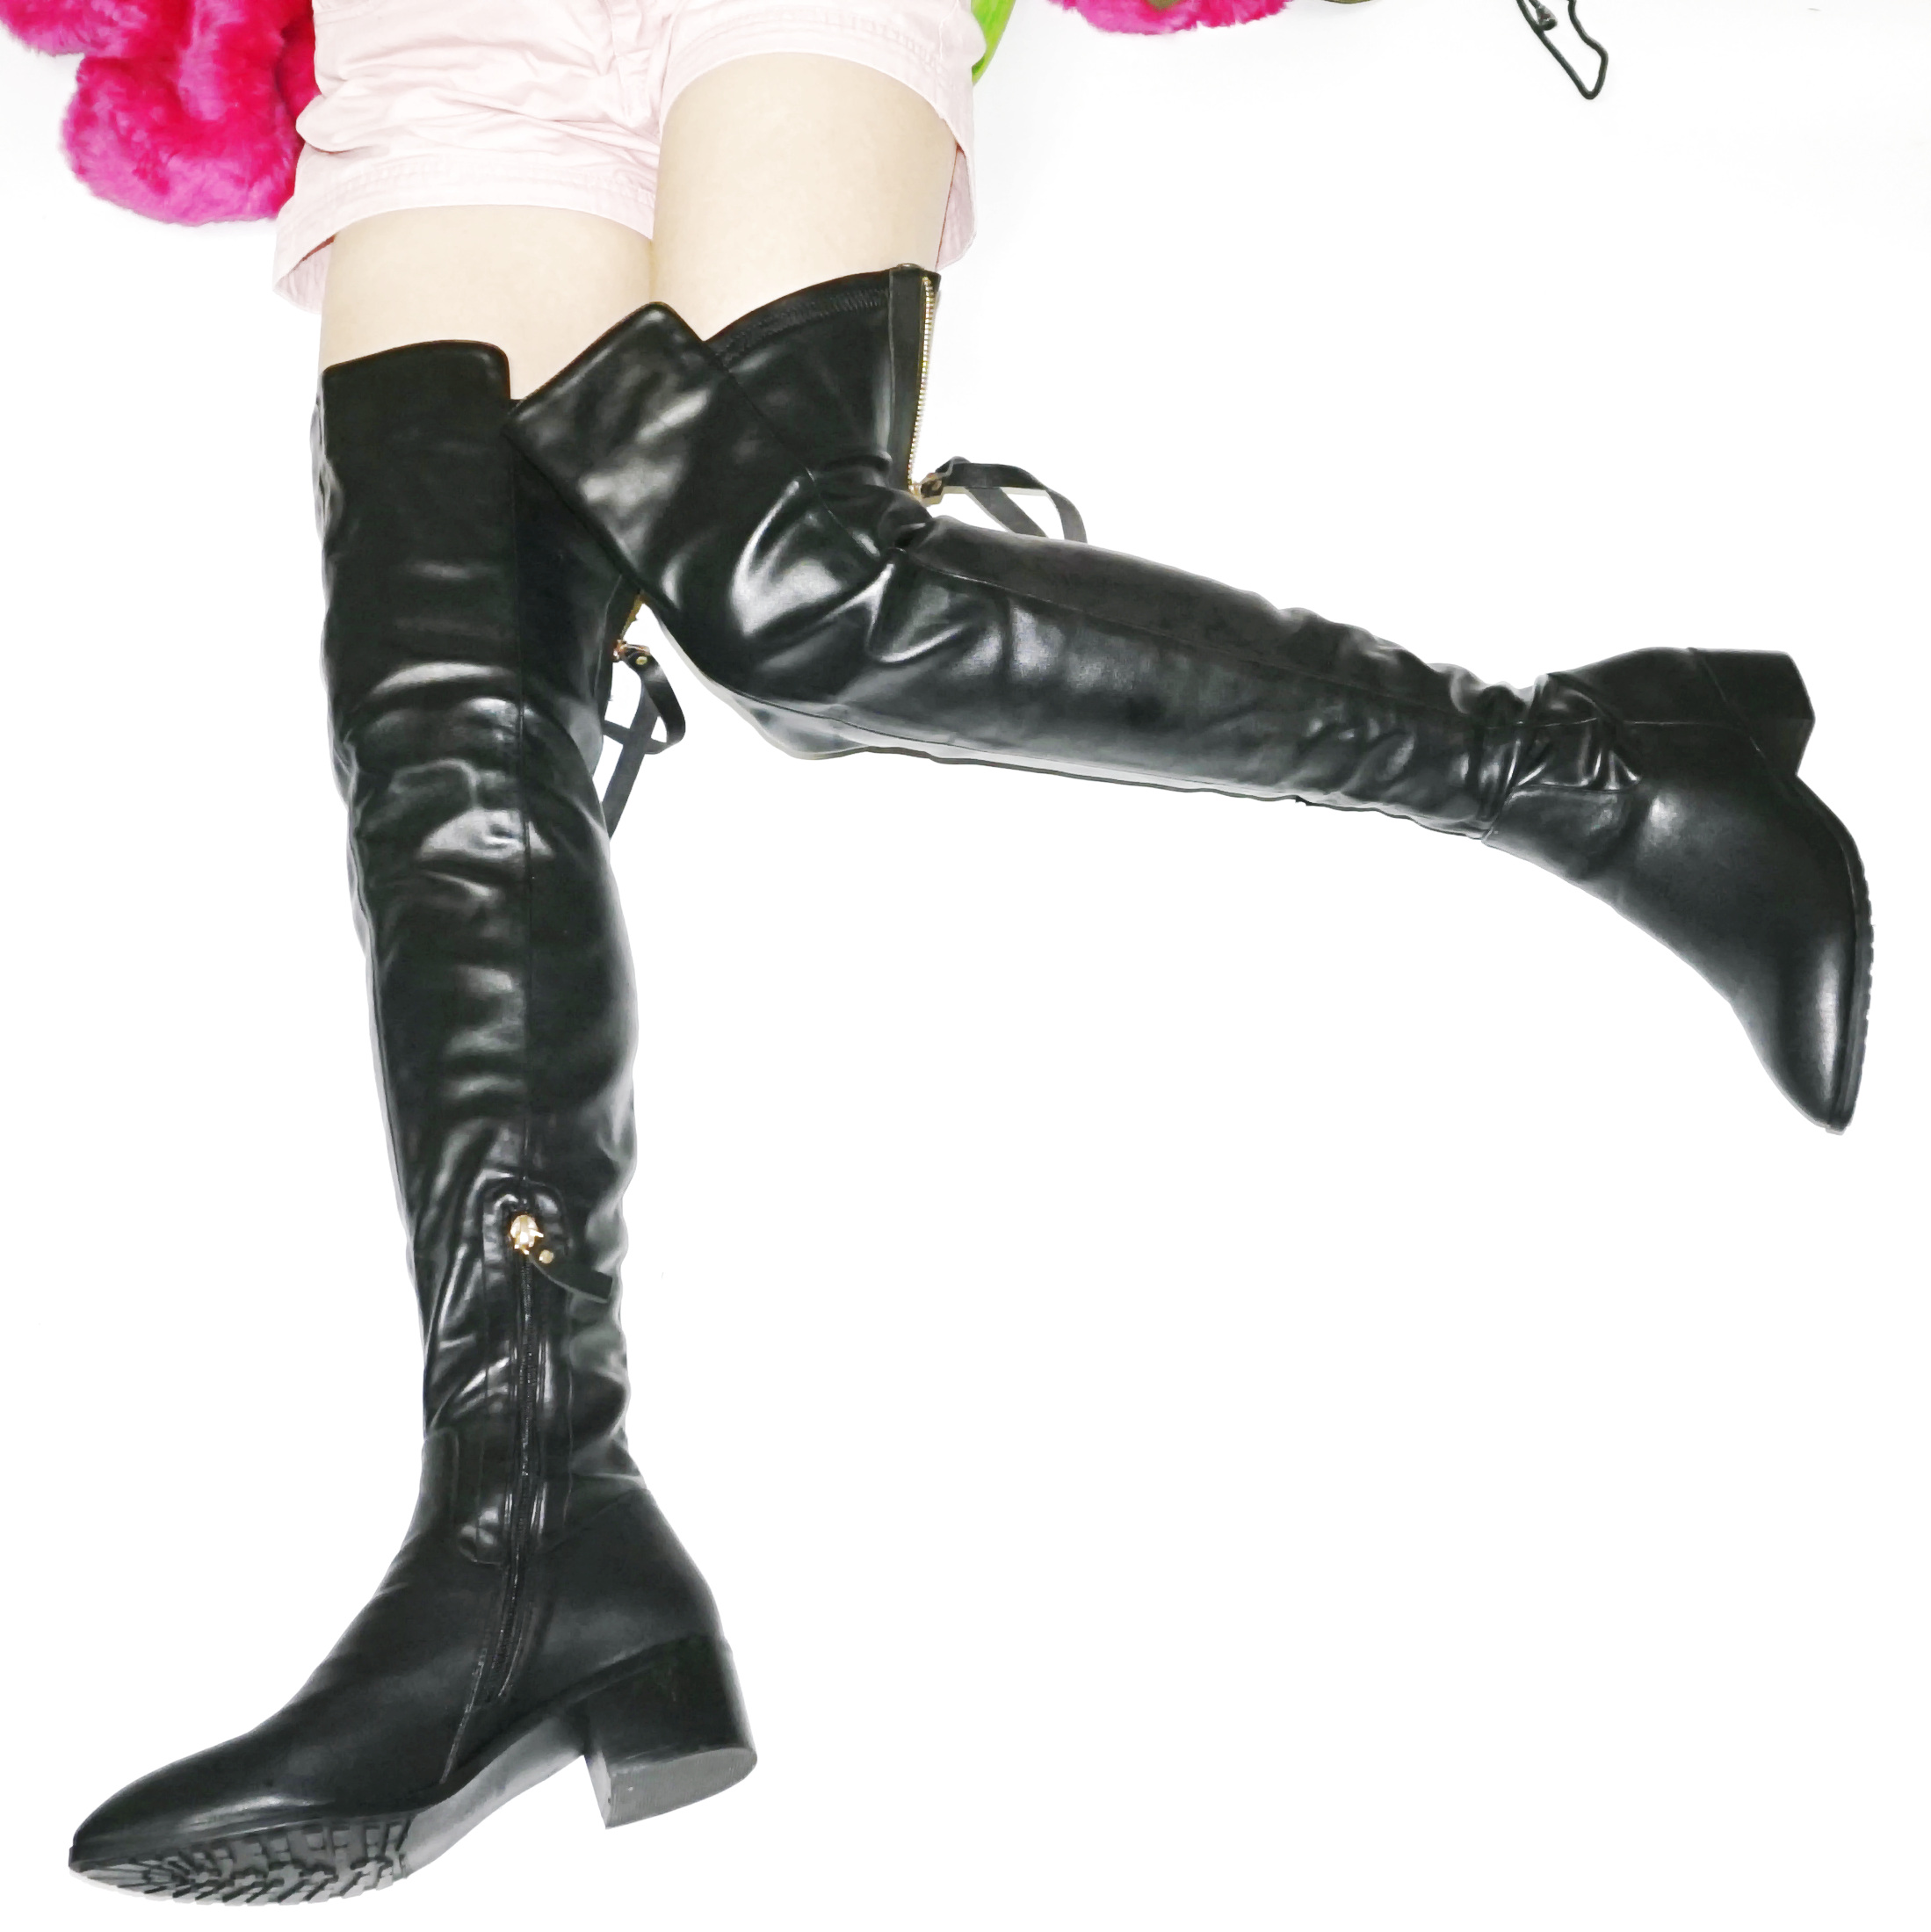 Cuissardes noires femmes chaussures noir bout pointu sur le genou chaussons hiver chaud Long arbre plate-forme Oxfords chaussures décontractées